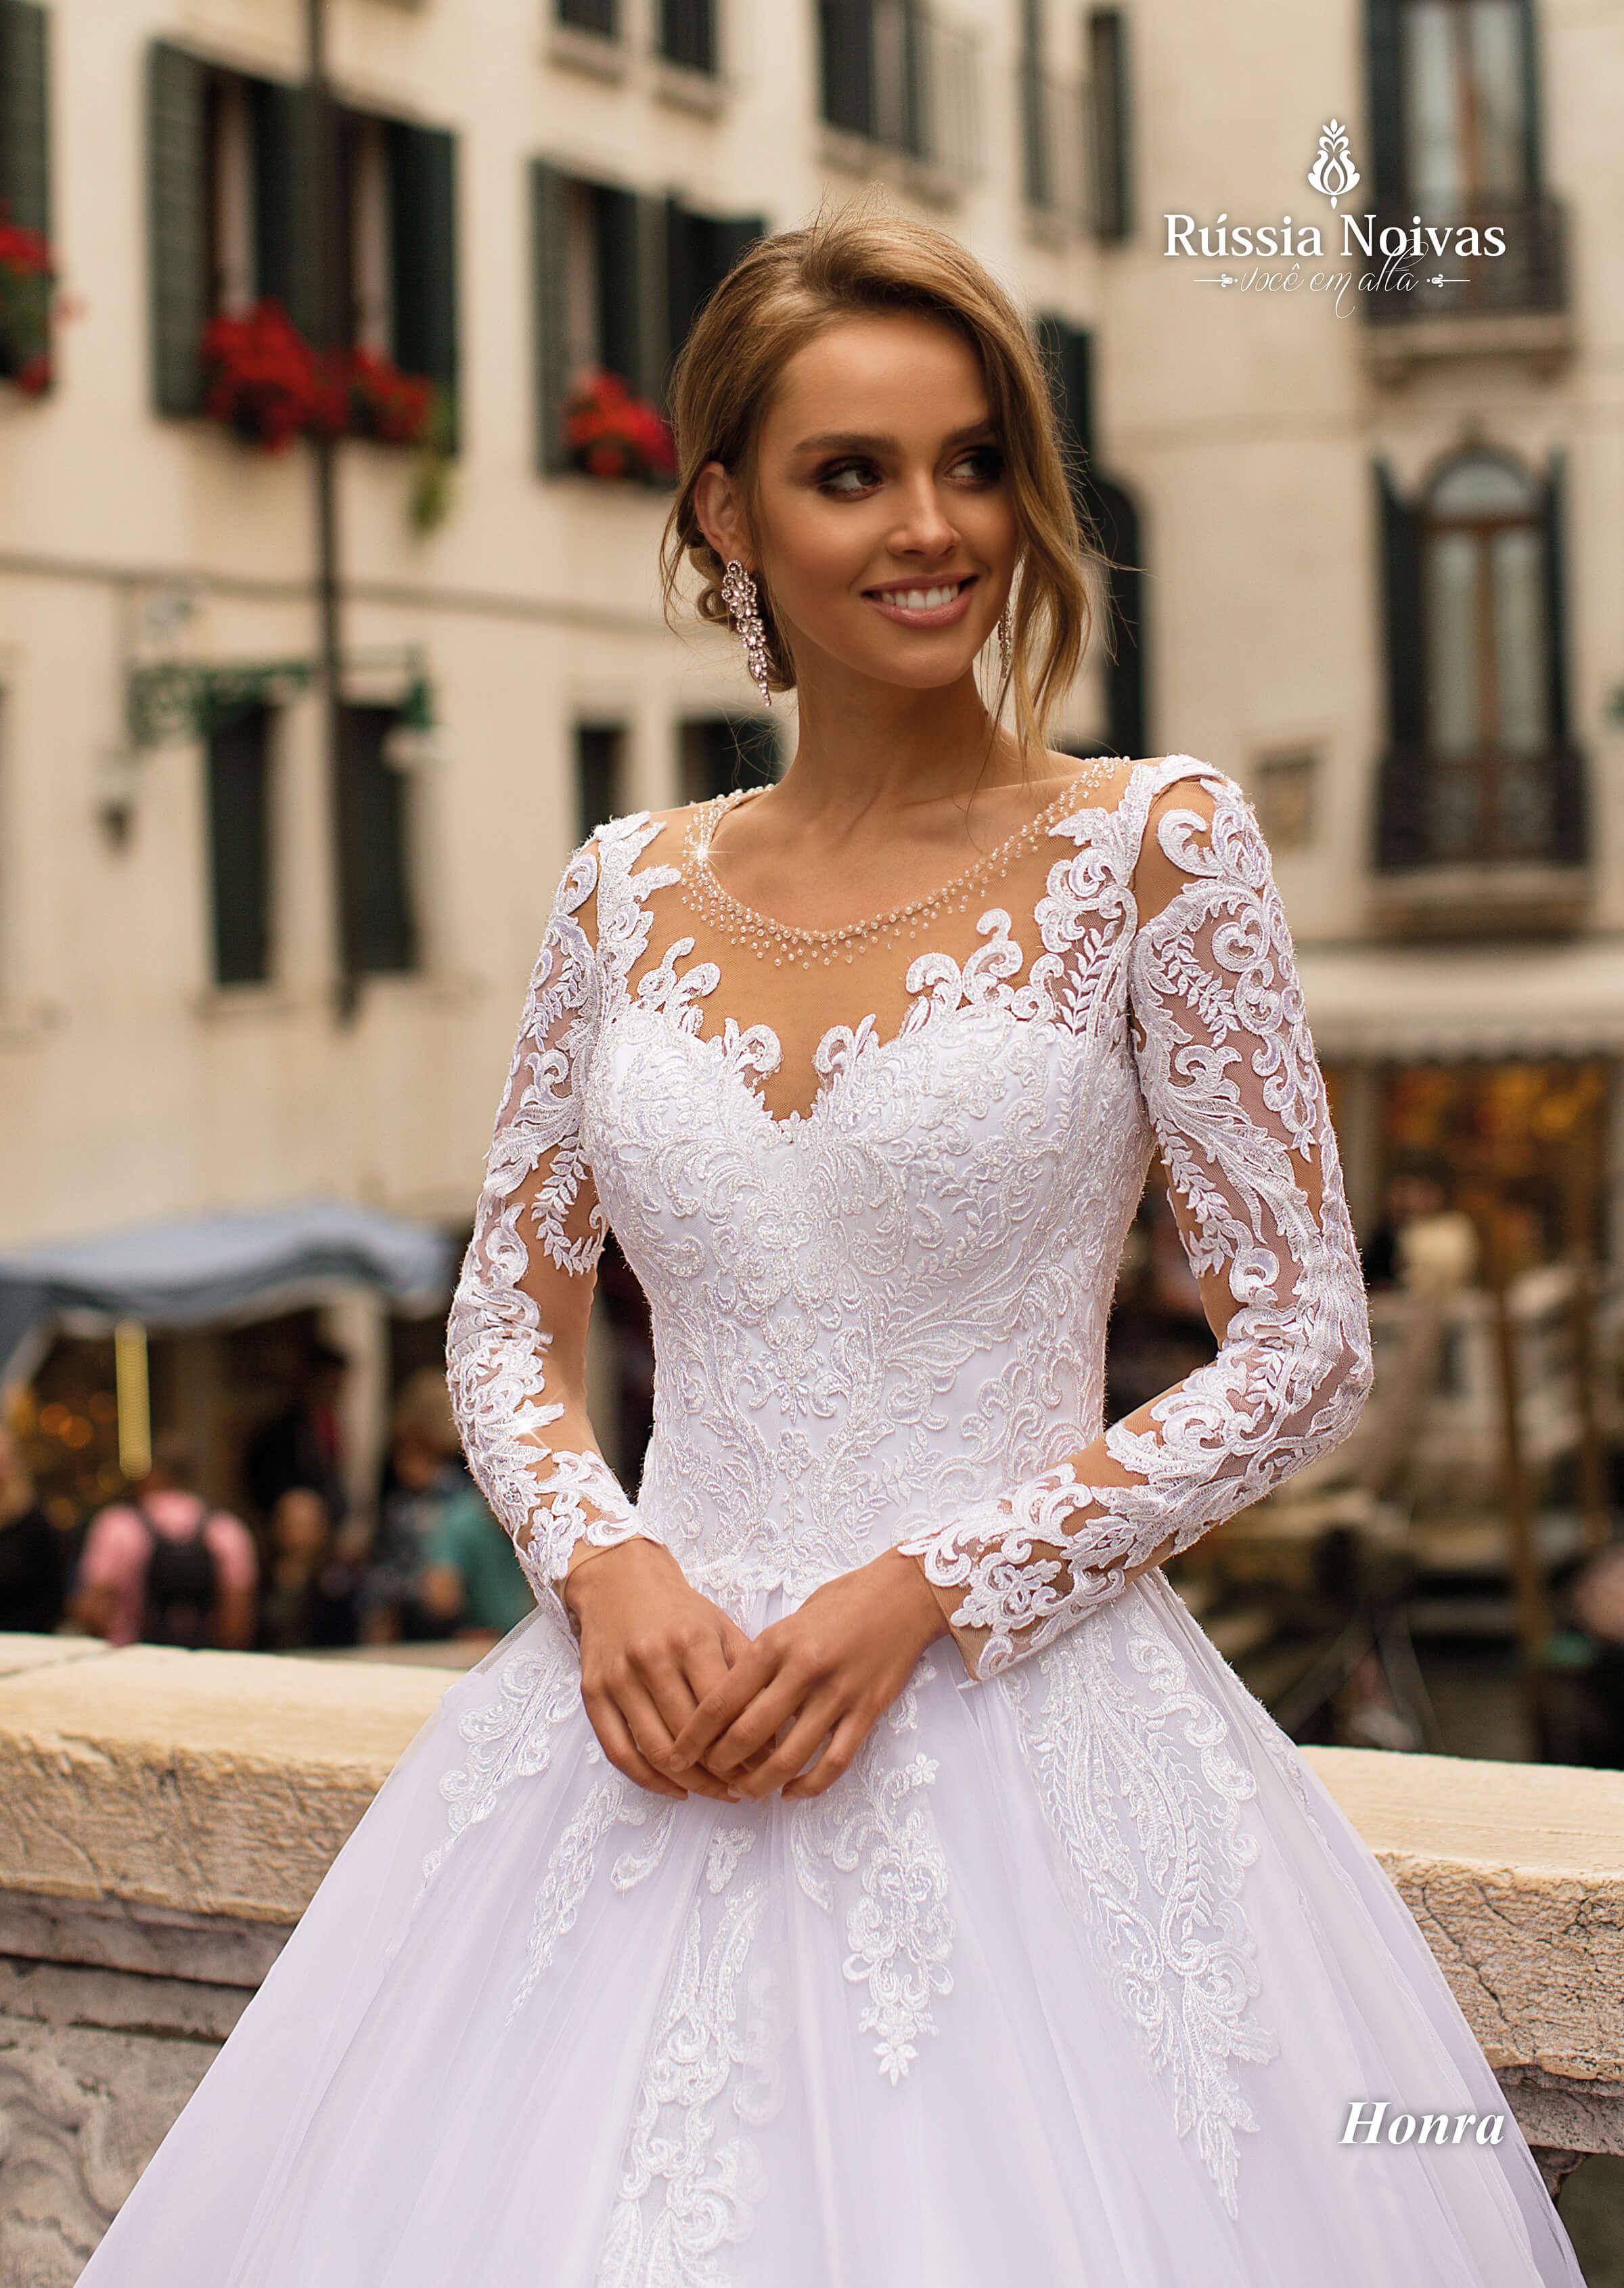 587712eeb6 Esse vestido foi o mais pedido em nosso evento de lançamento e isso  certamente se deve ao seu luxo e exuberância. Seu corpete é todo bordado de  renda guipir ...